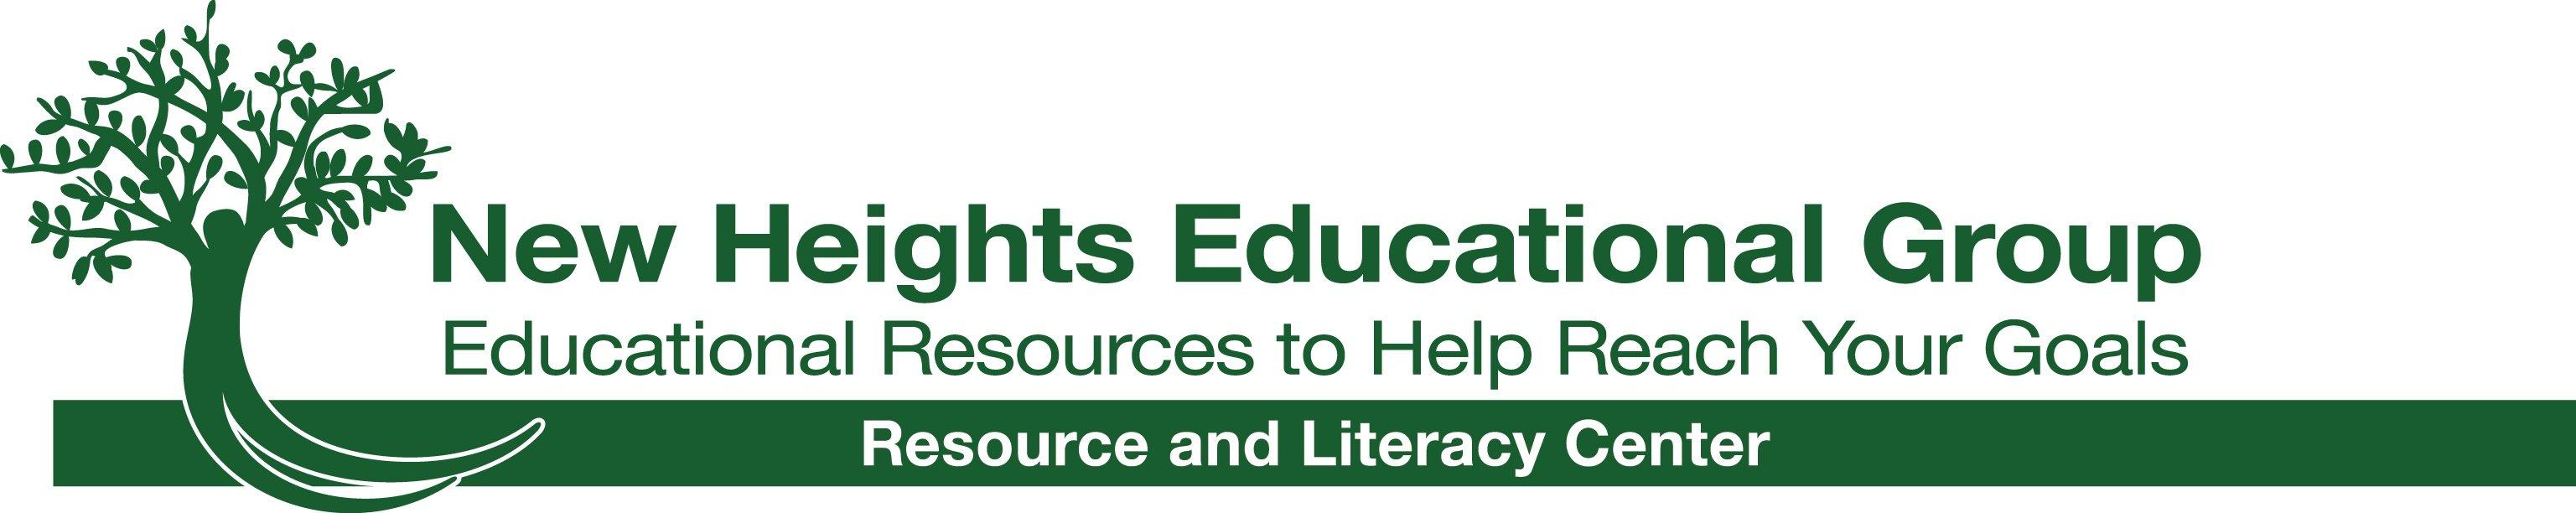 NHEG-Logo-with-Banner.jpg